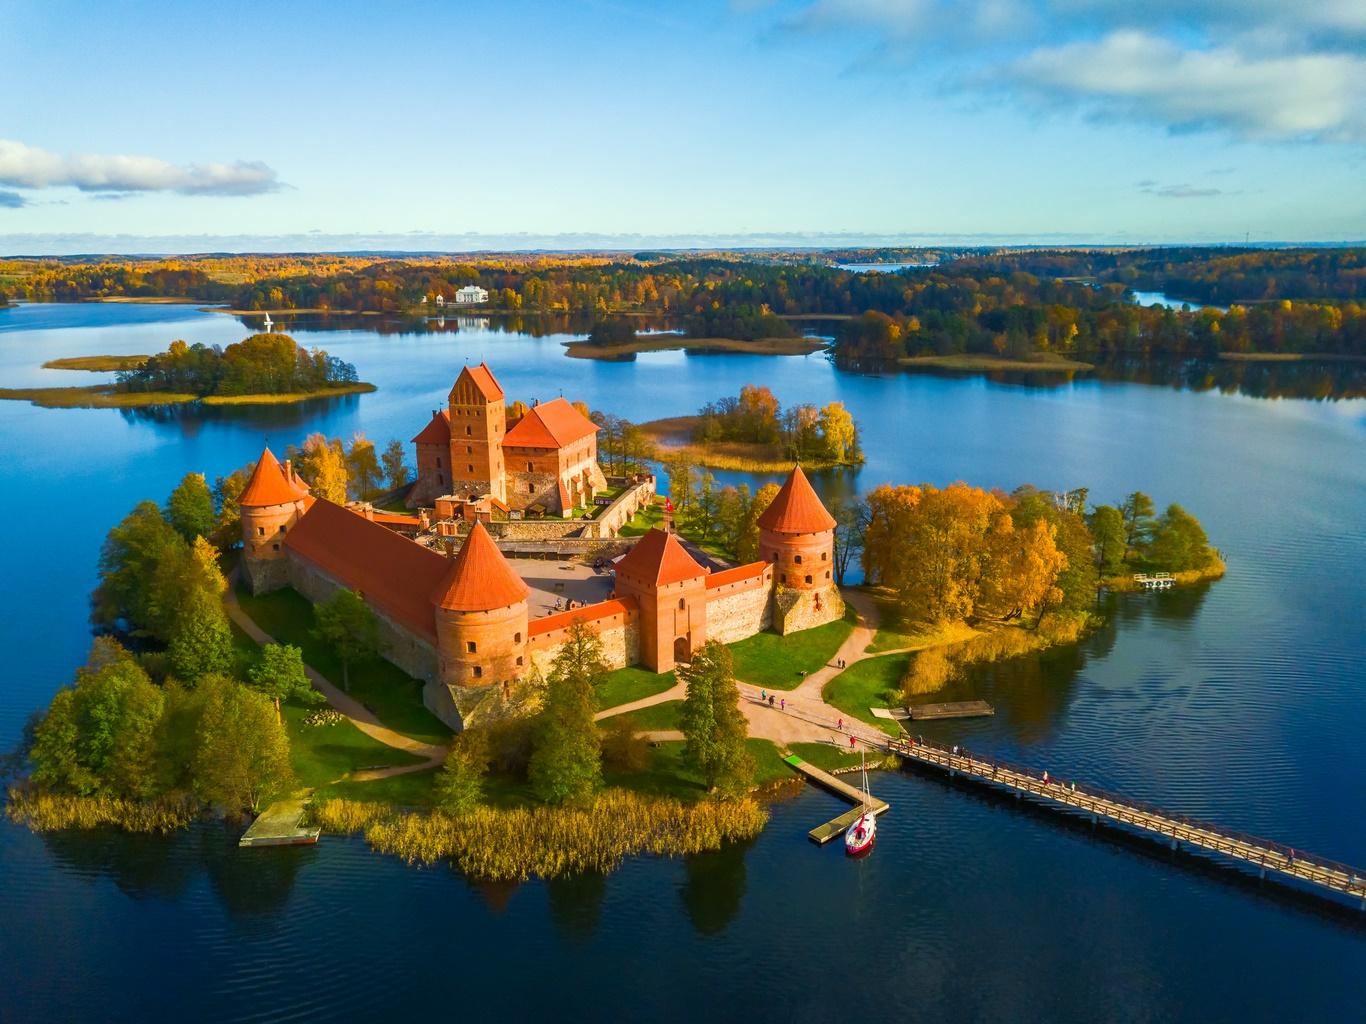 Danemark - Estonie - Finlande - Lettonie - Lituanie - Pologne - Russie - Suède - Circuit Cap sur la Baltique